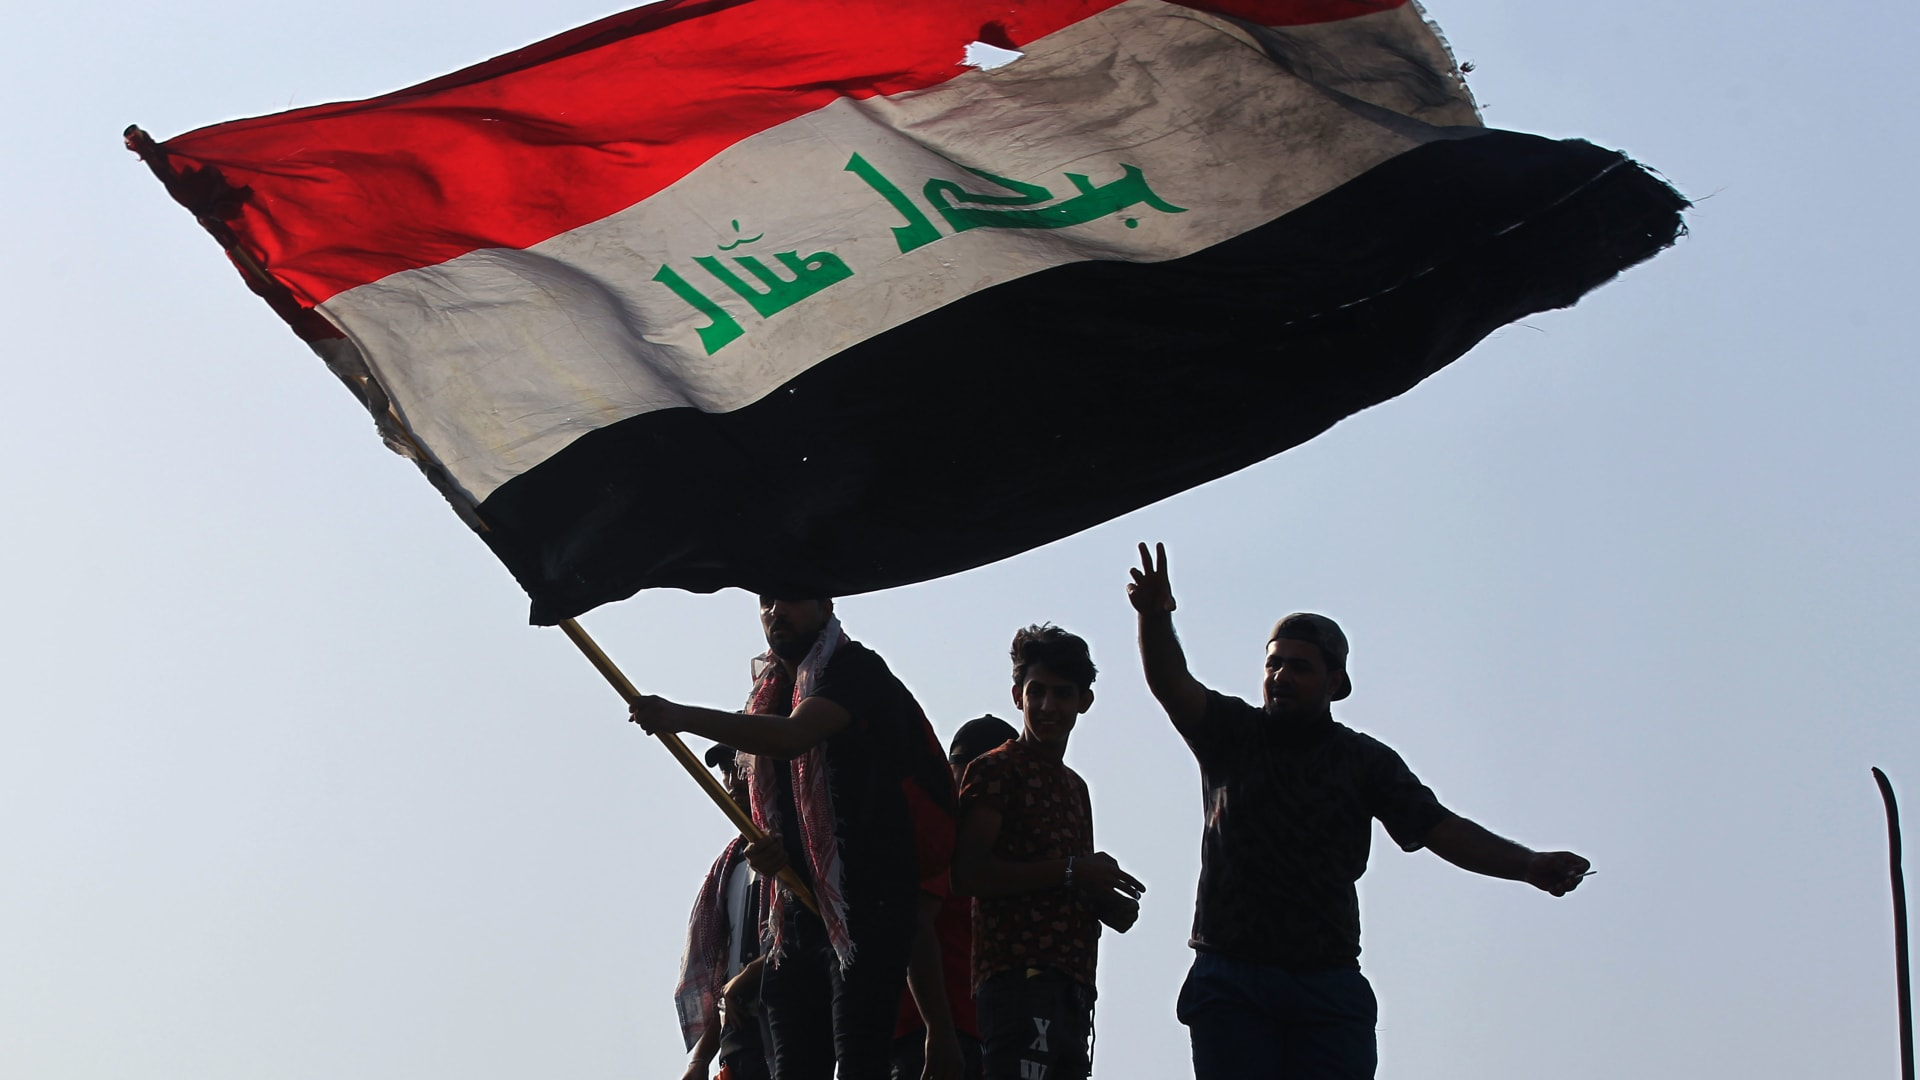 مذكرات توقيف بحق محللين سياسيين عراقيين تثير الجدل